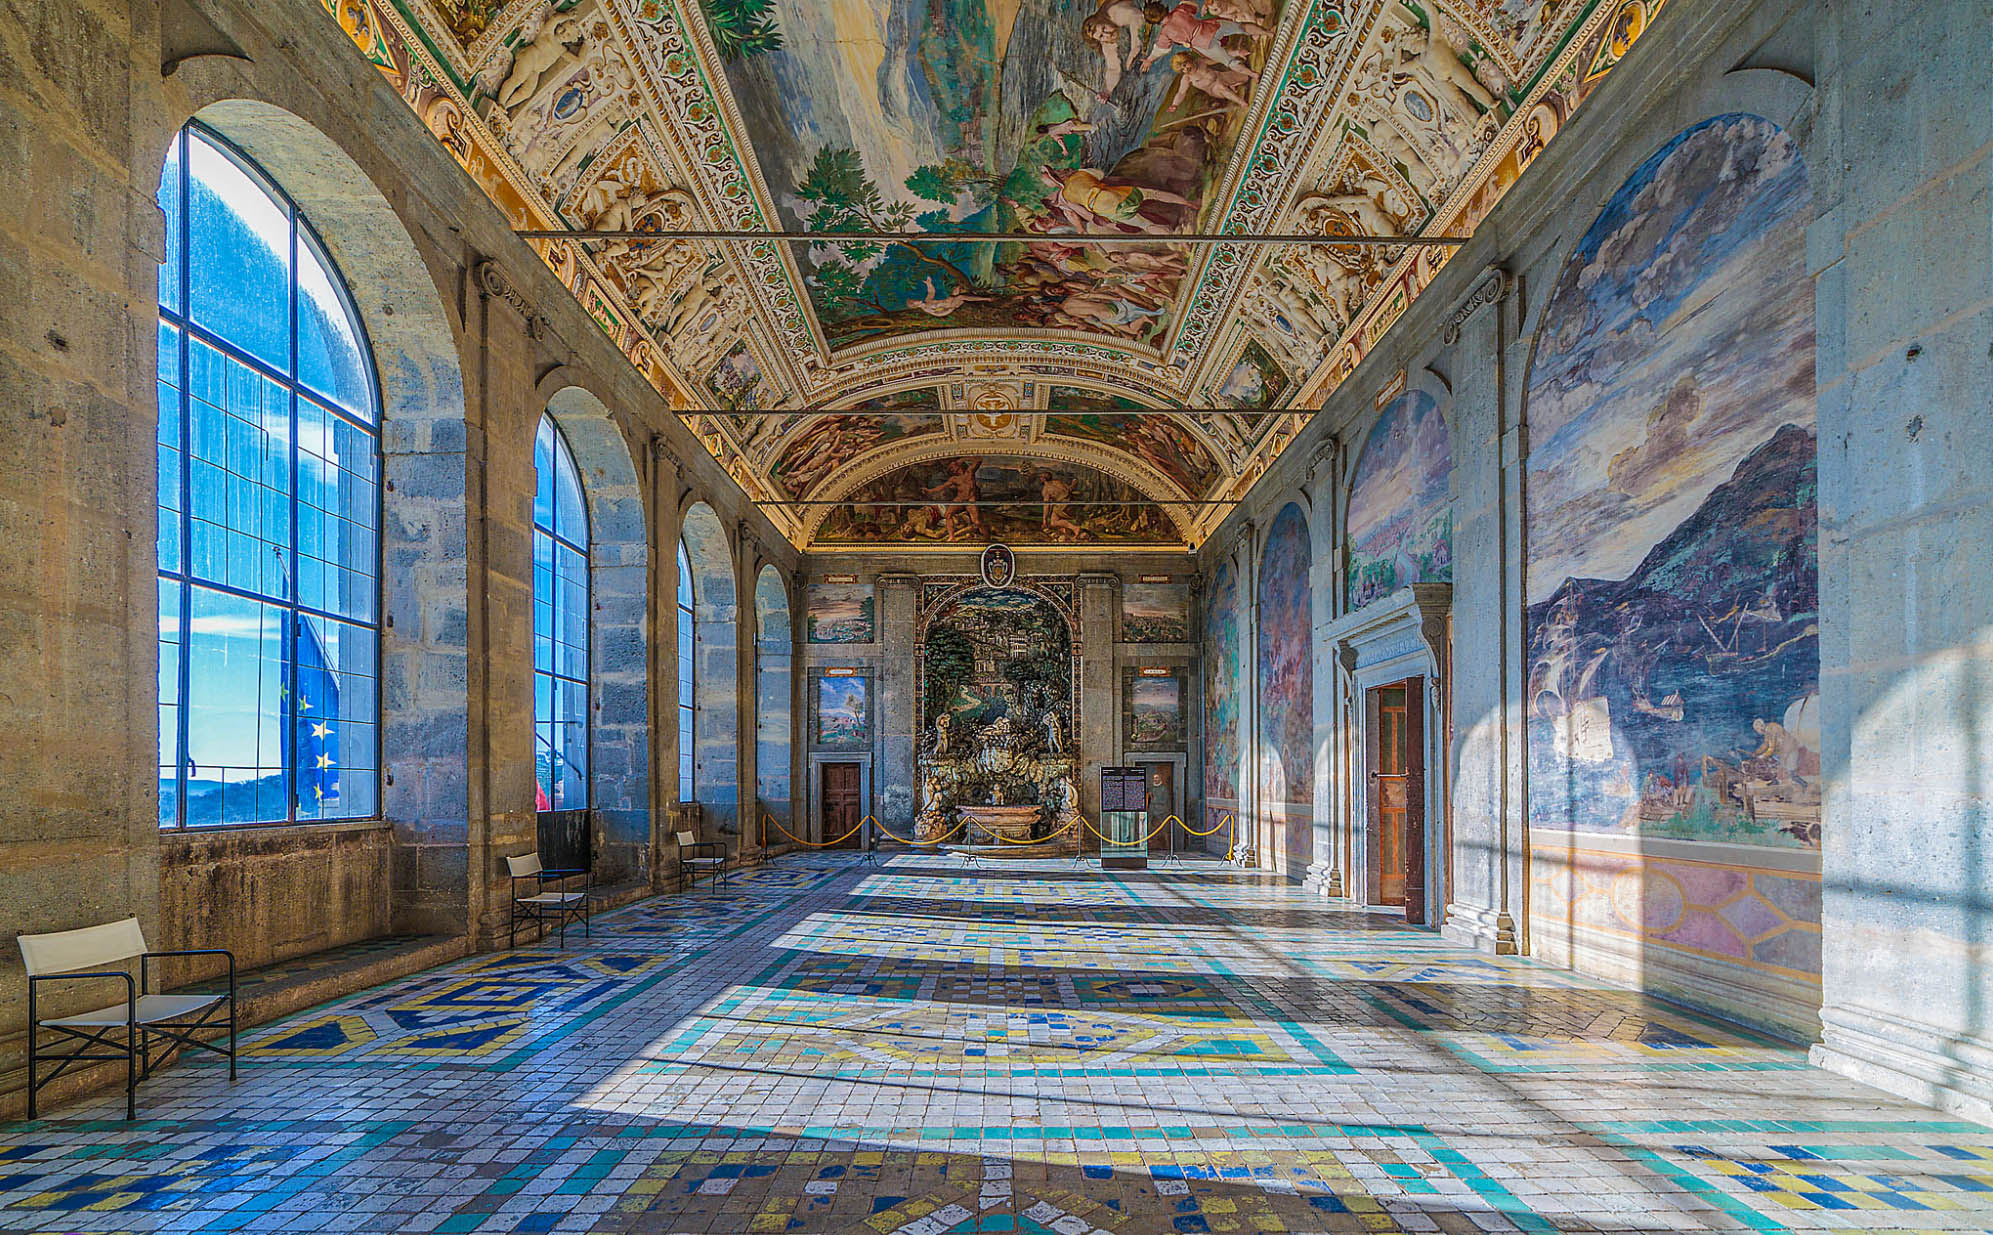 Palazzo Farnese - Italy private tour